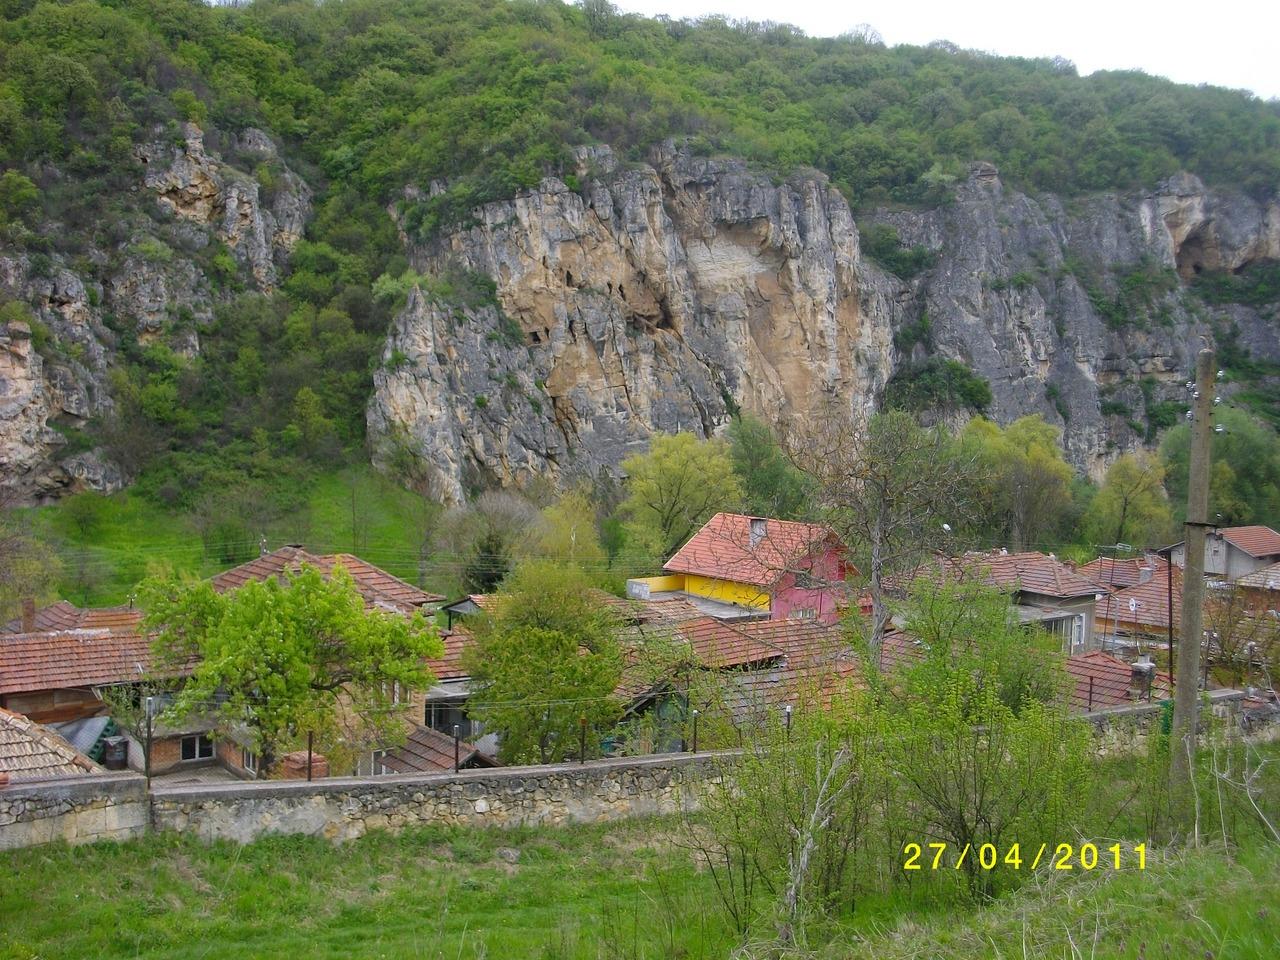 земля в село кошов для дом ,болгария,800кв.м цена 4000 евро 00359878600910